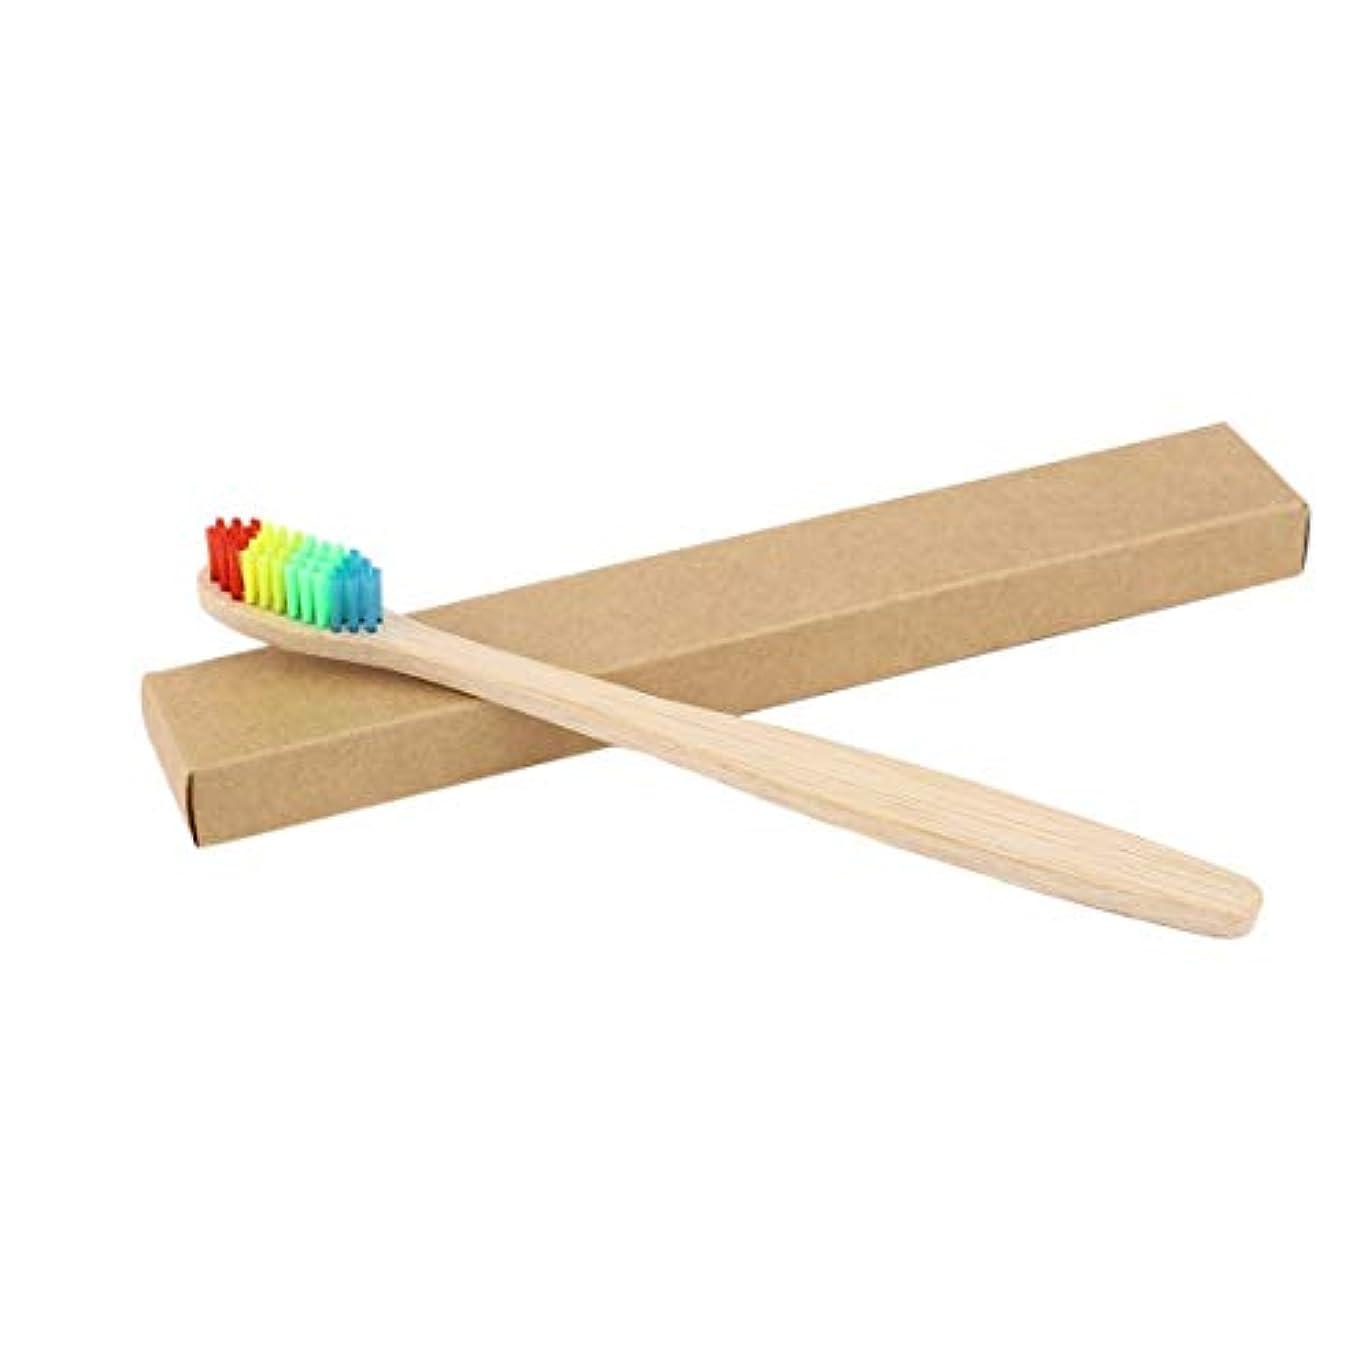 虹作成する不毛のカラフルな髪+竹のハンドル歯ブラシ環境木製の虹竹の歯ブラシオーラルケアソフト剛毛ユニセックス - ウッドカラー+カラフル